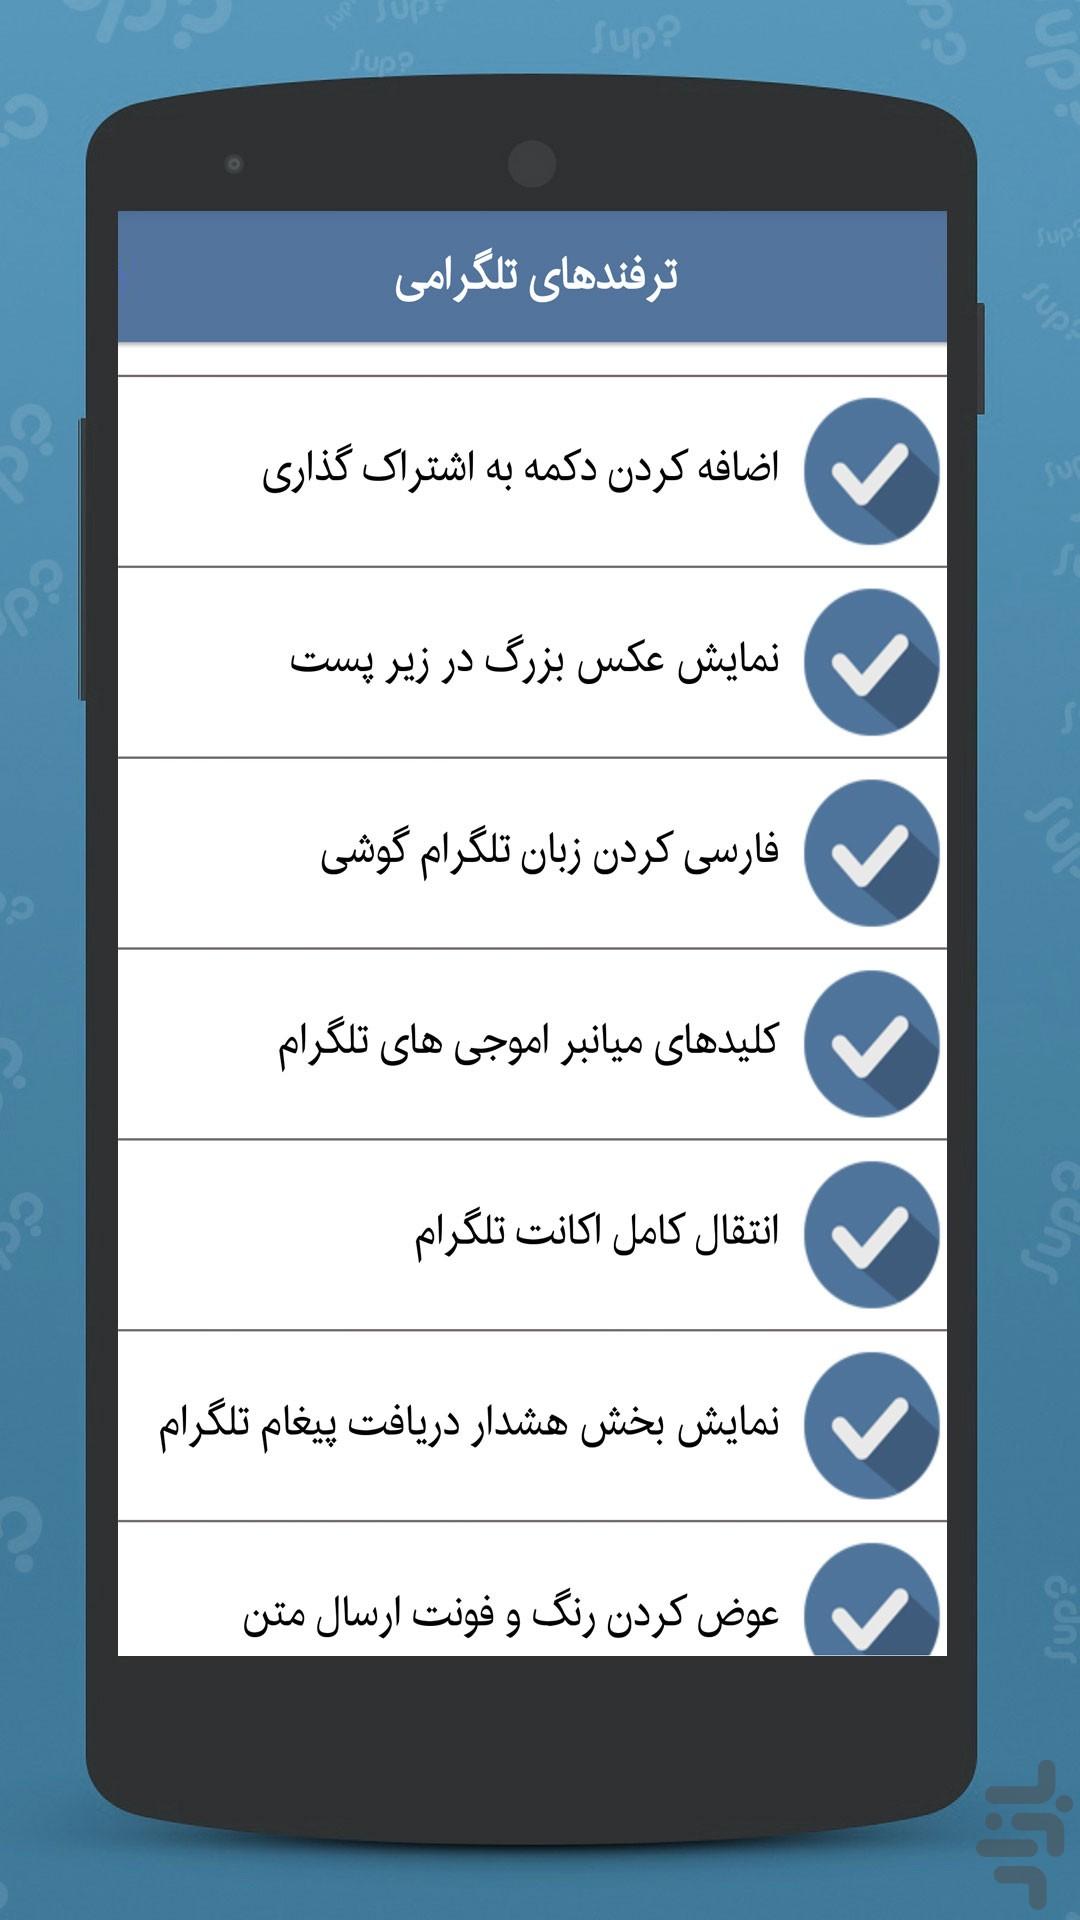 کانال تلگرام آموزش جعبه سازی